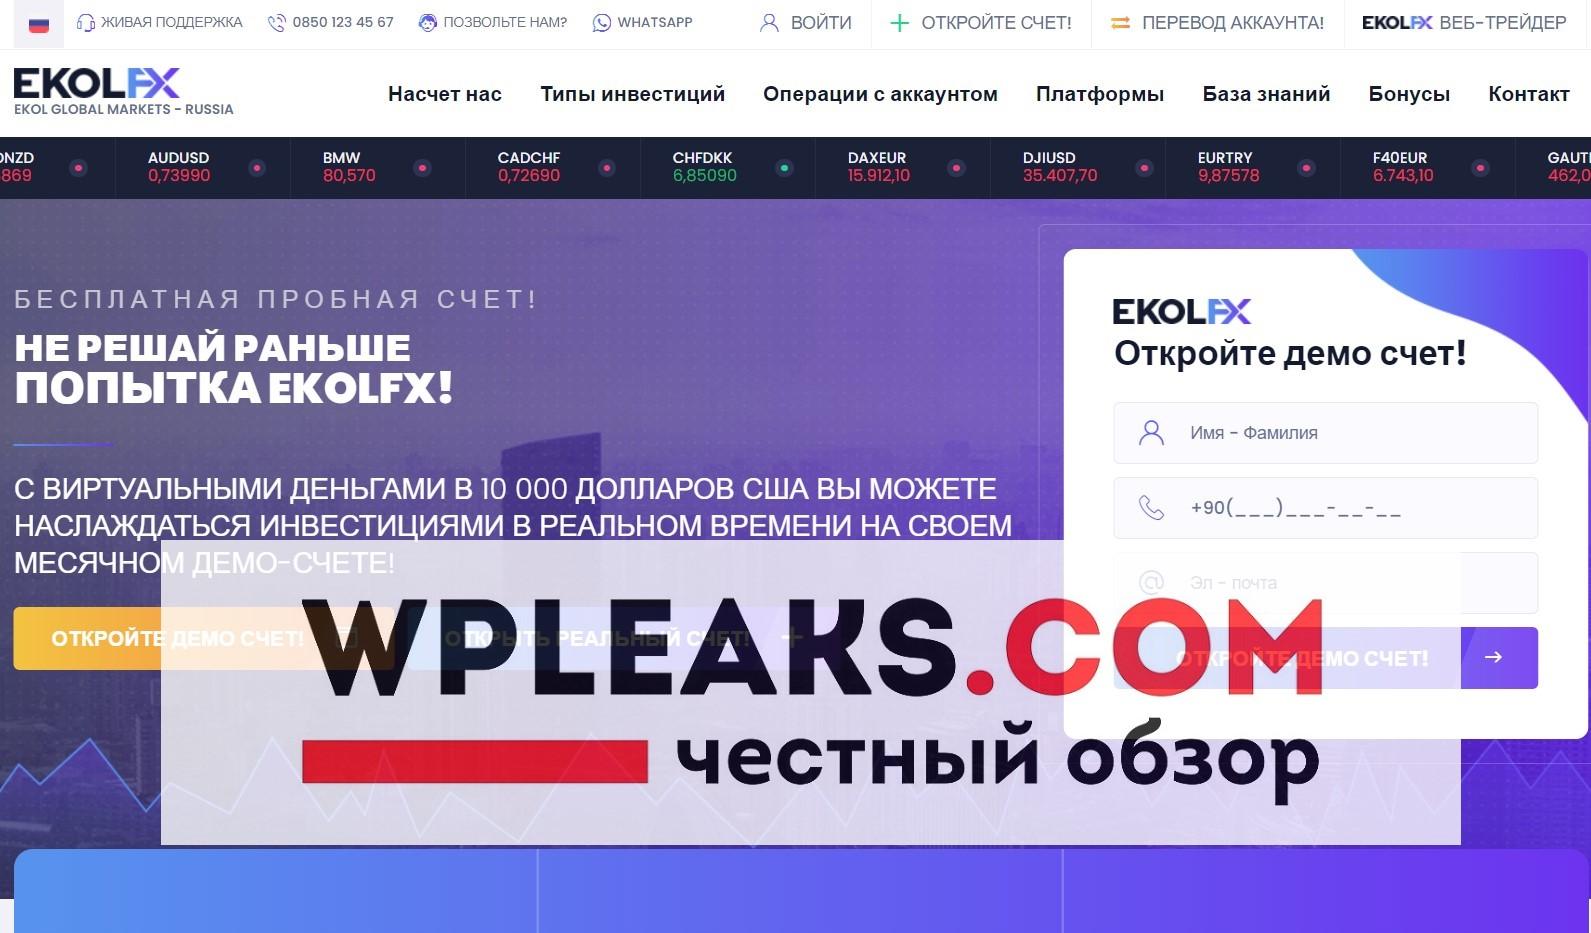 EKOLFX отзывы